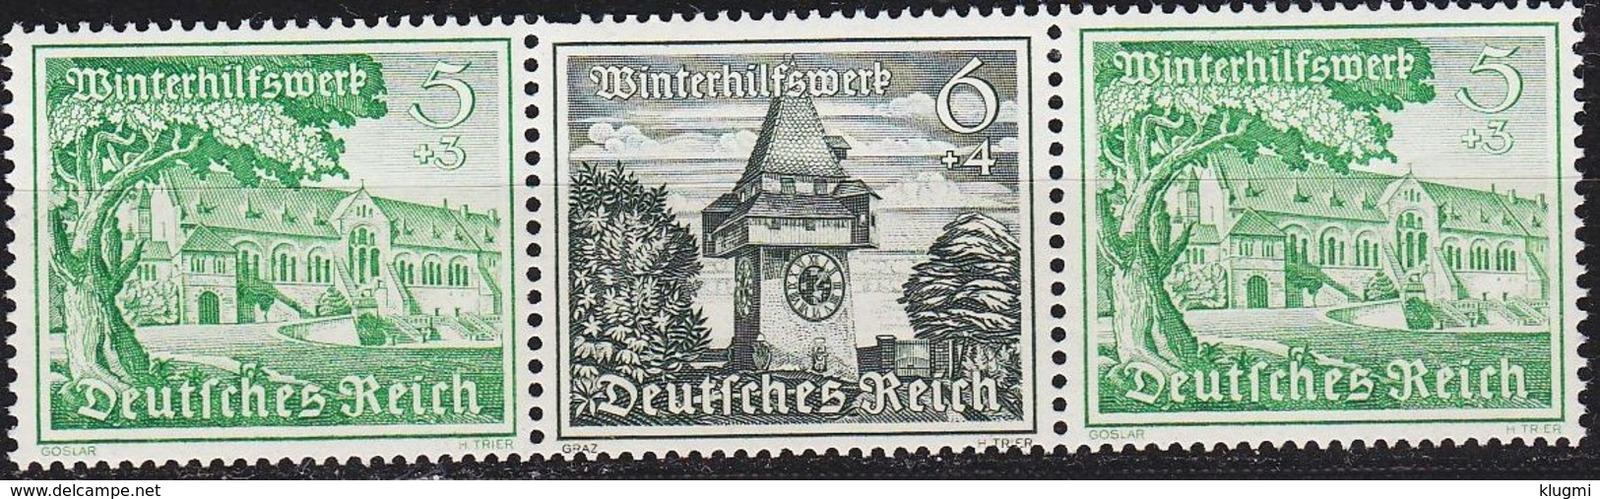 Germany mi w139